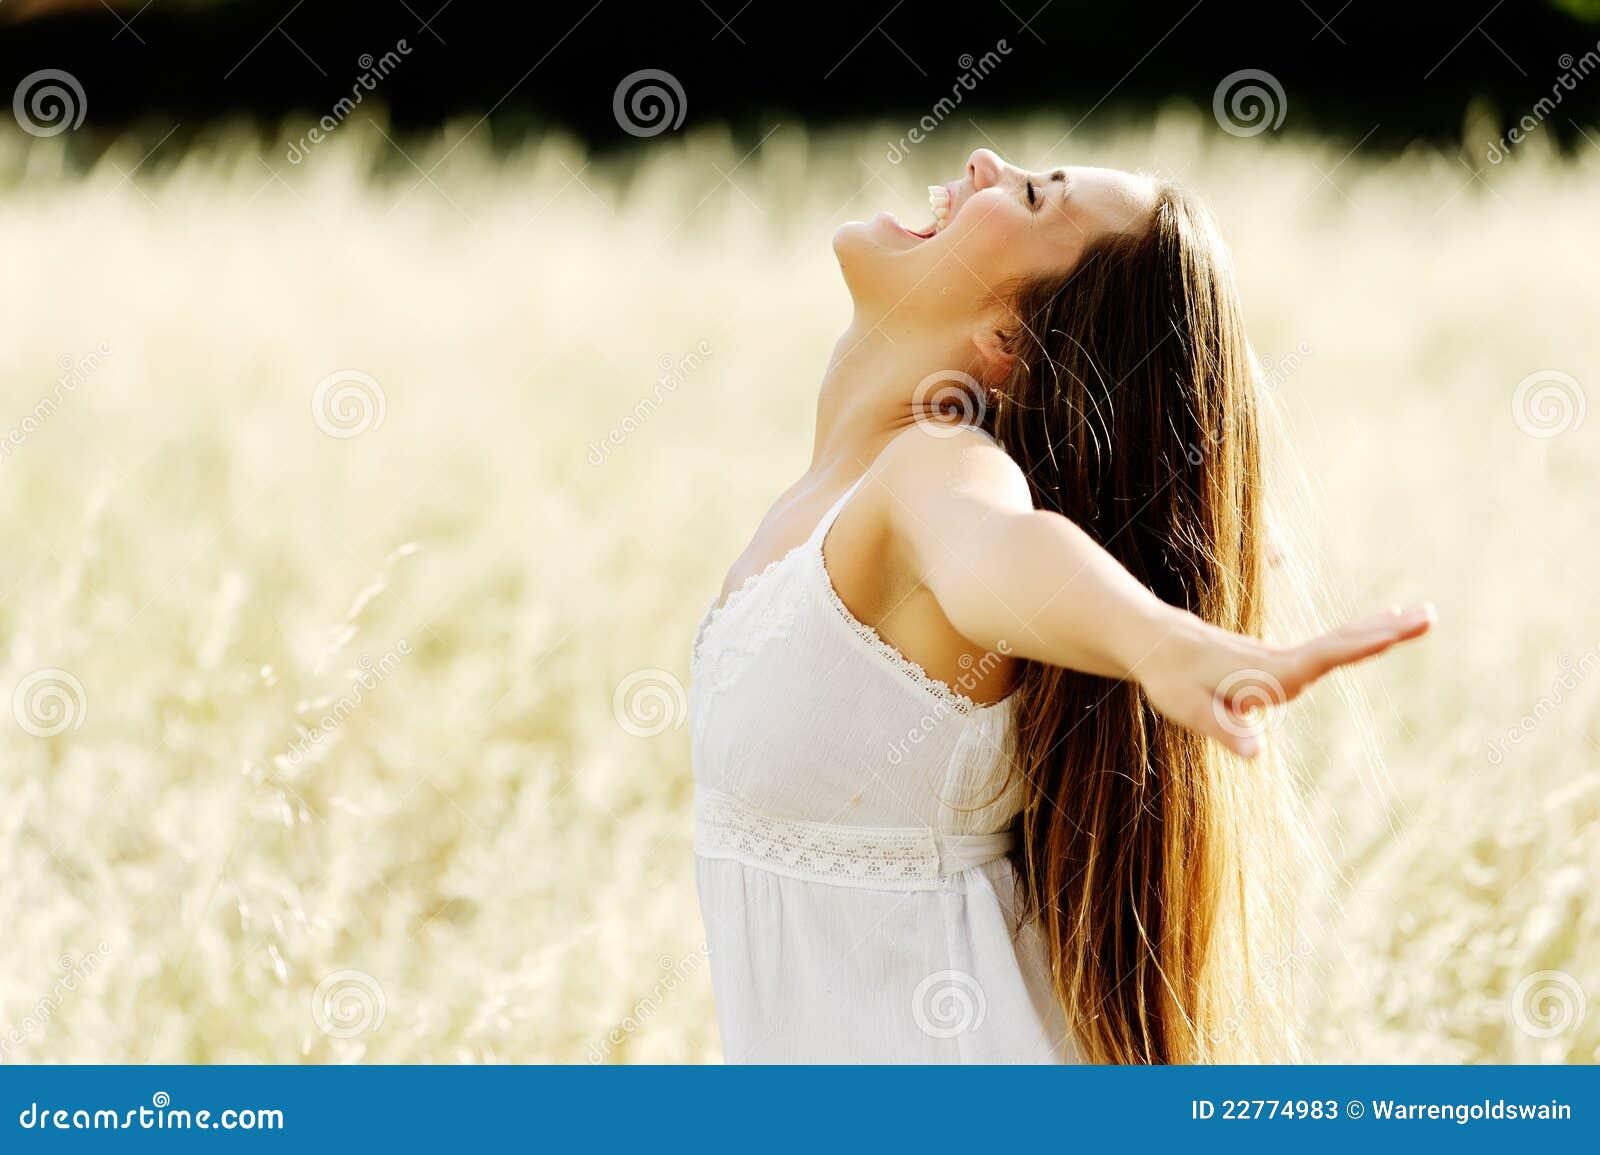 Beautiful young woman in an open field